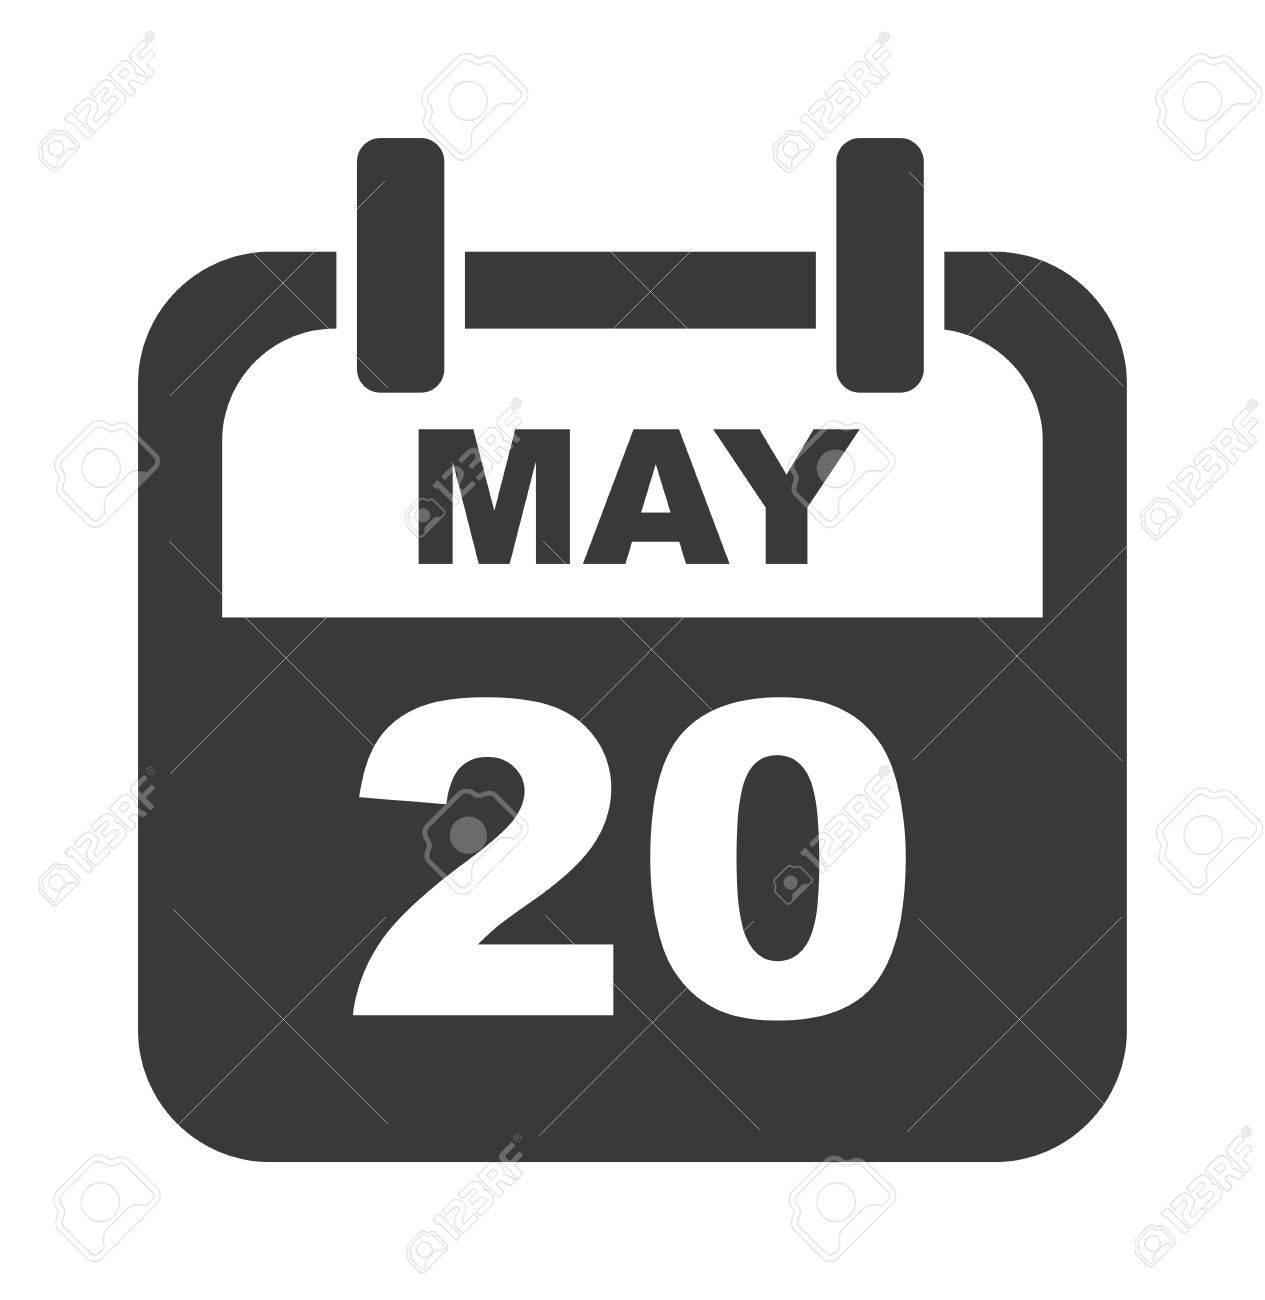 Calendario Vectorizado.Calendar Icon Vector Isolated Calendar Icon Graphic Reminder